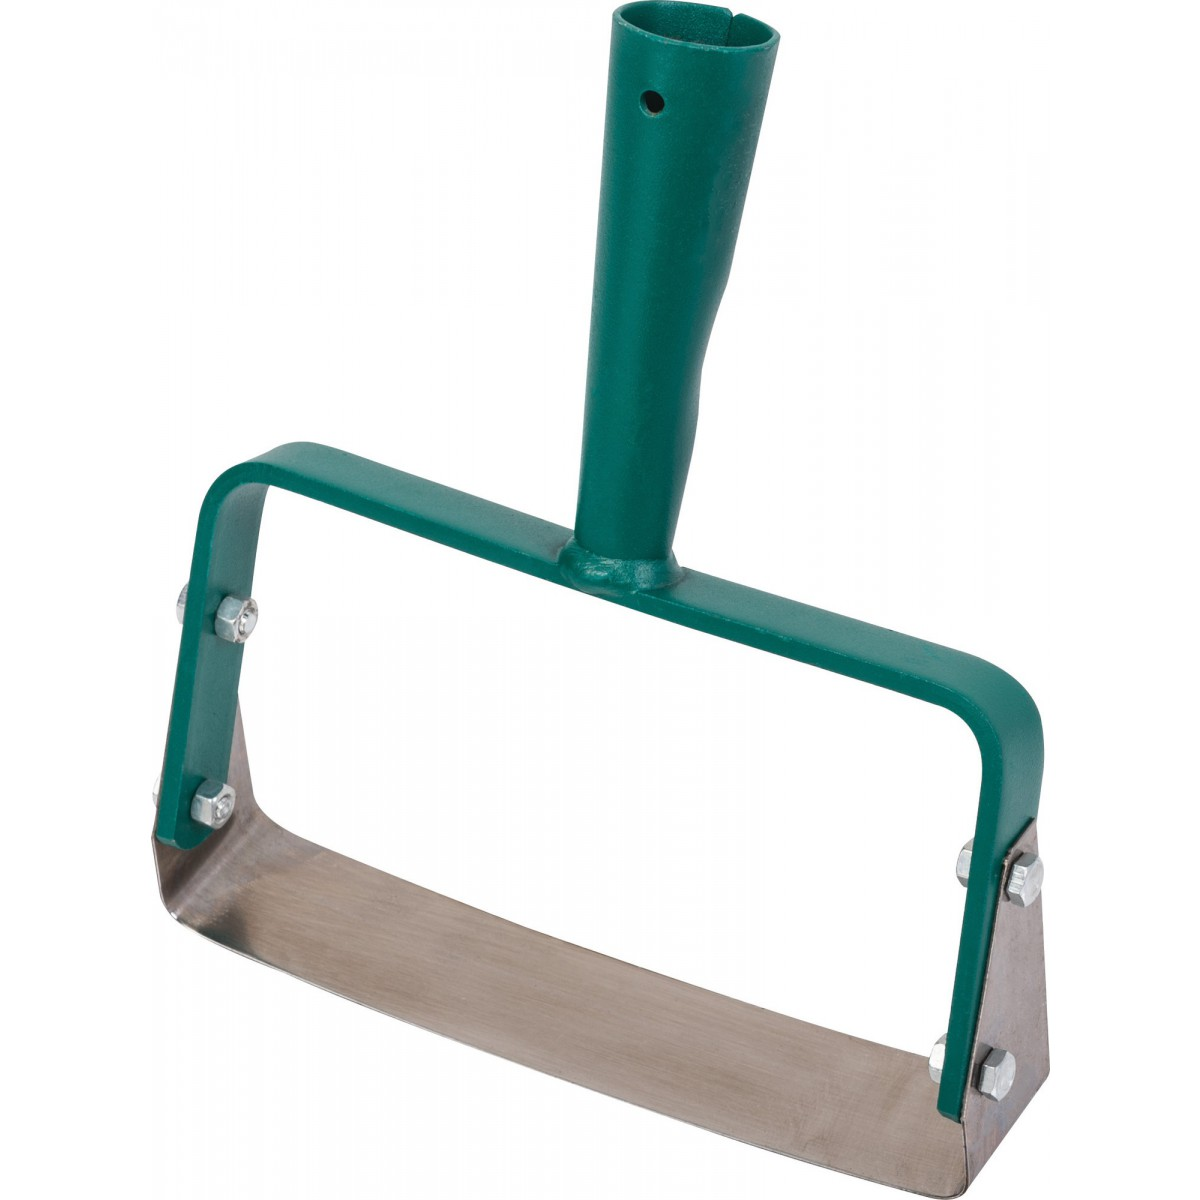 Grattoir Cap Vert - Sans manche